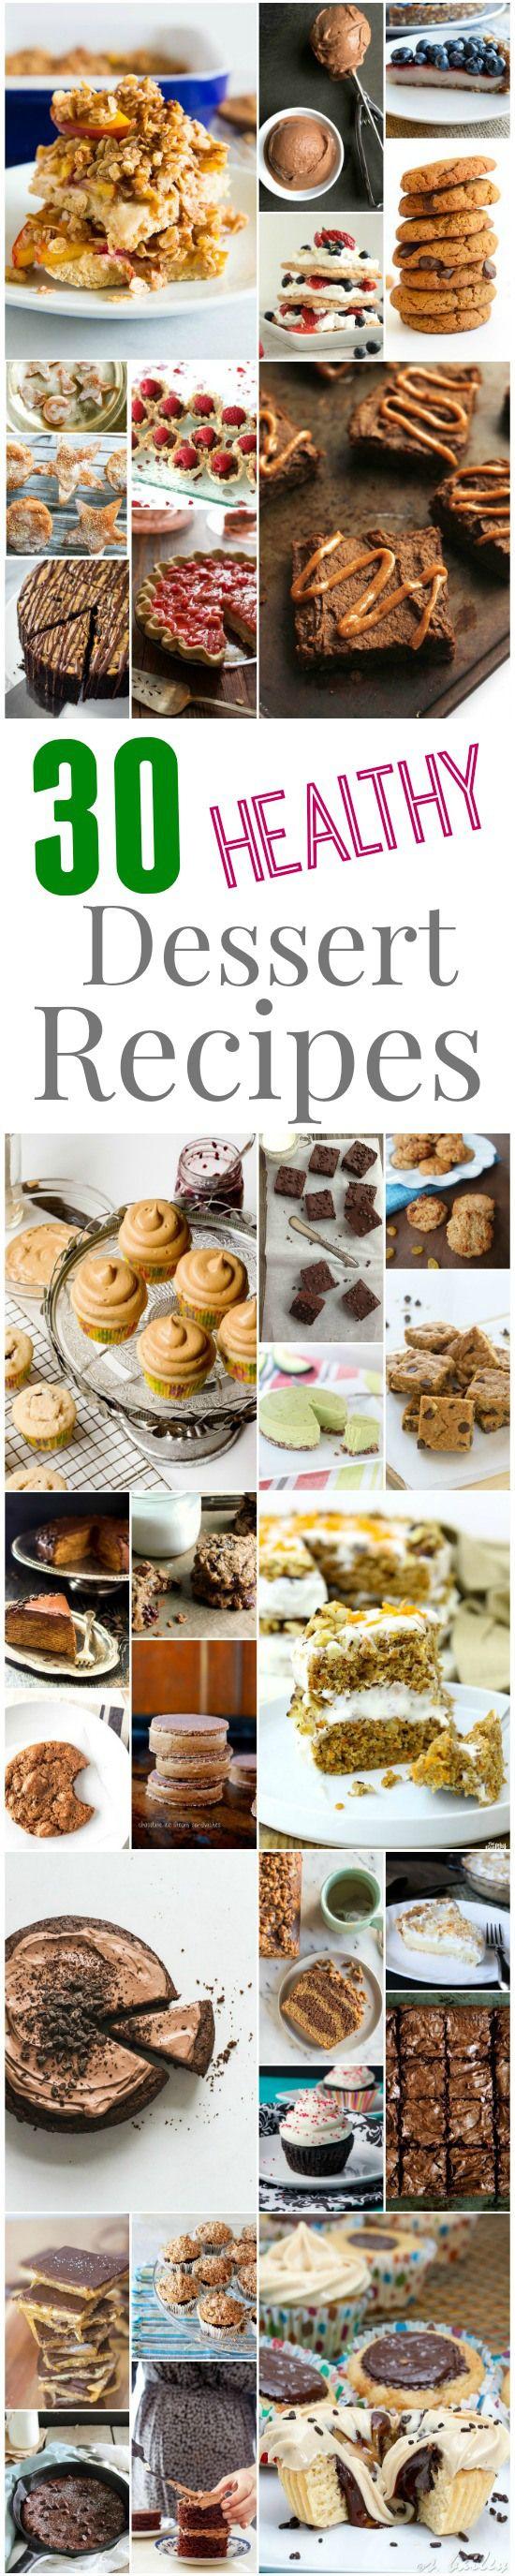 Auf der Suche nach einigen neuen gesunden Dessert-Rezepte?  Hier sind 30 leckere Dessert-Rezepte von einigen der besten Lebensmittel Blogger und breit!